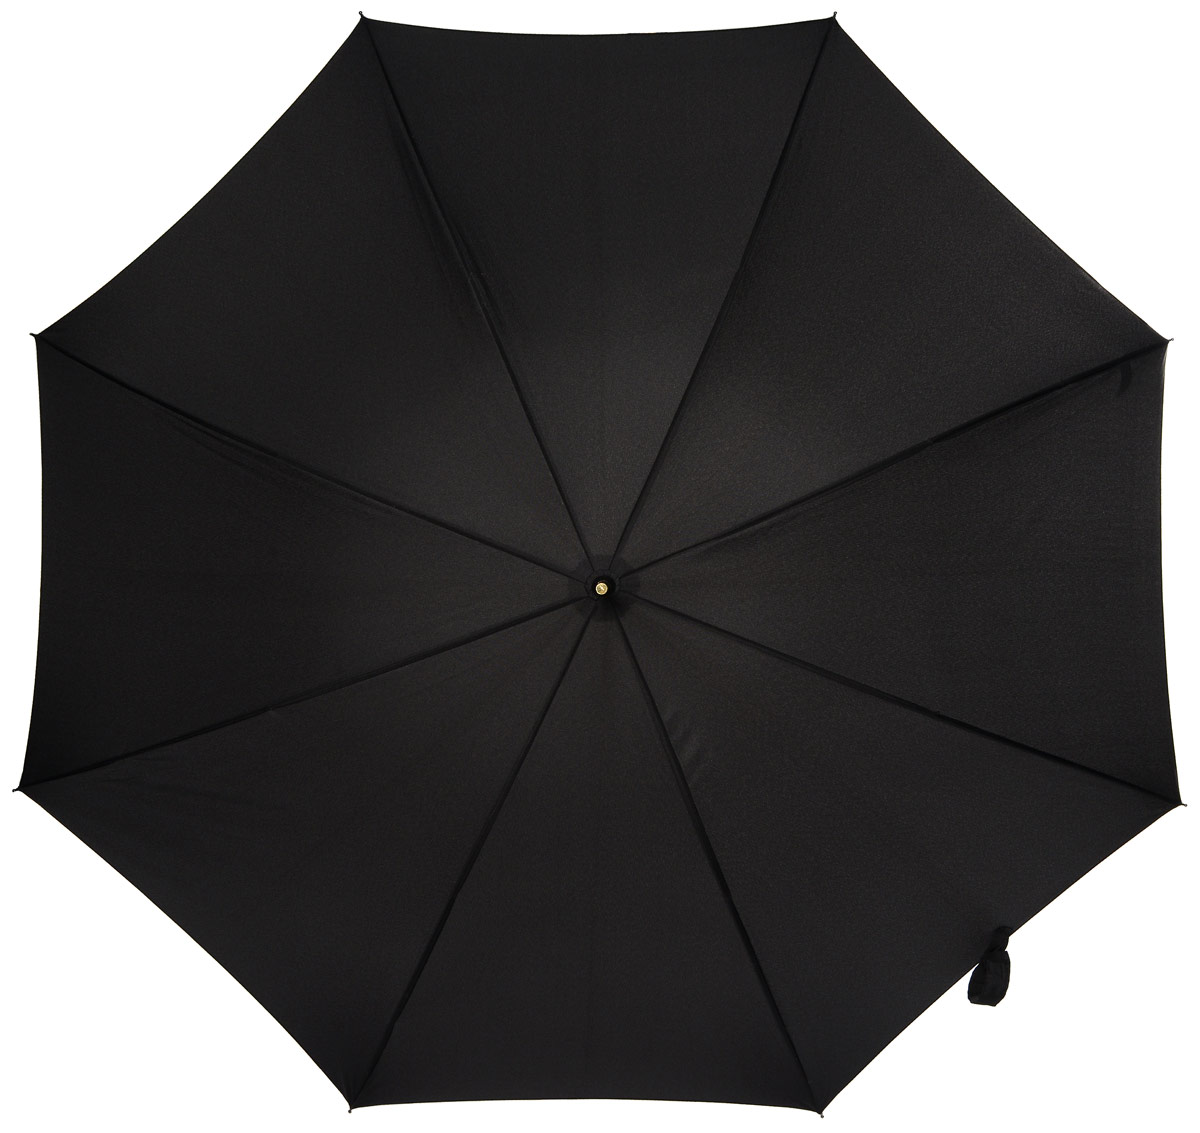 Зонт-трость мужской Fulton, механический, цвет: черный. G808-01REM12-CAM-GREENBLACKКрепкий механический зонт-трость Fulton даже в ненастную погоду позволит вам оставаться стильным. Легкий, но в тоже время прочный и ветроустойчивый каркас из стали состоит из восьми спиц с износостойкими соединениями. Купол зонта выполнен из прочного полиэстера с водоотталкивающей пропиткой. Рукоятка закругленной формы, разработанная с учетом требований эргономики, выполнена из ротанга.Зонт механического сложения: купол открывается и закрывается вручную до характерного щелчка.